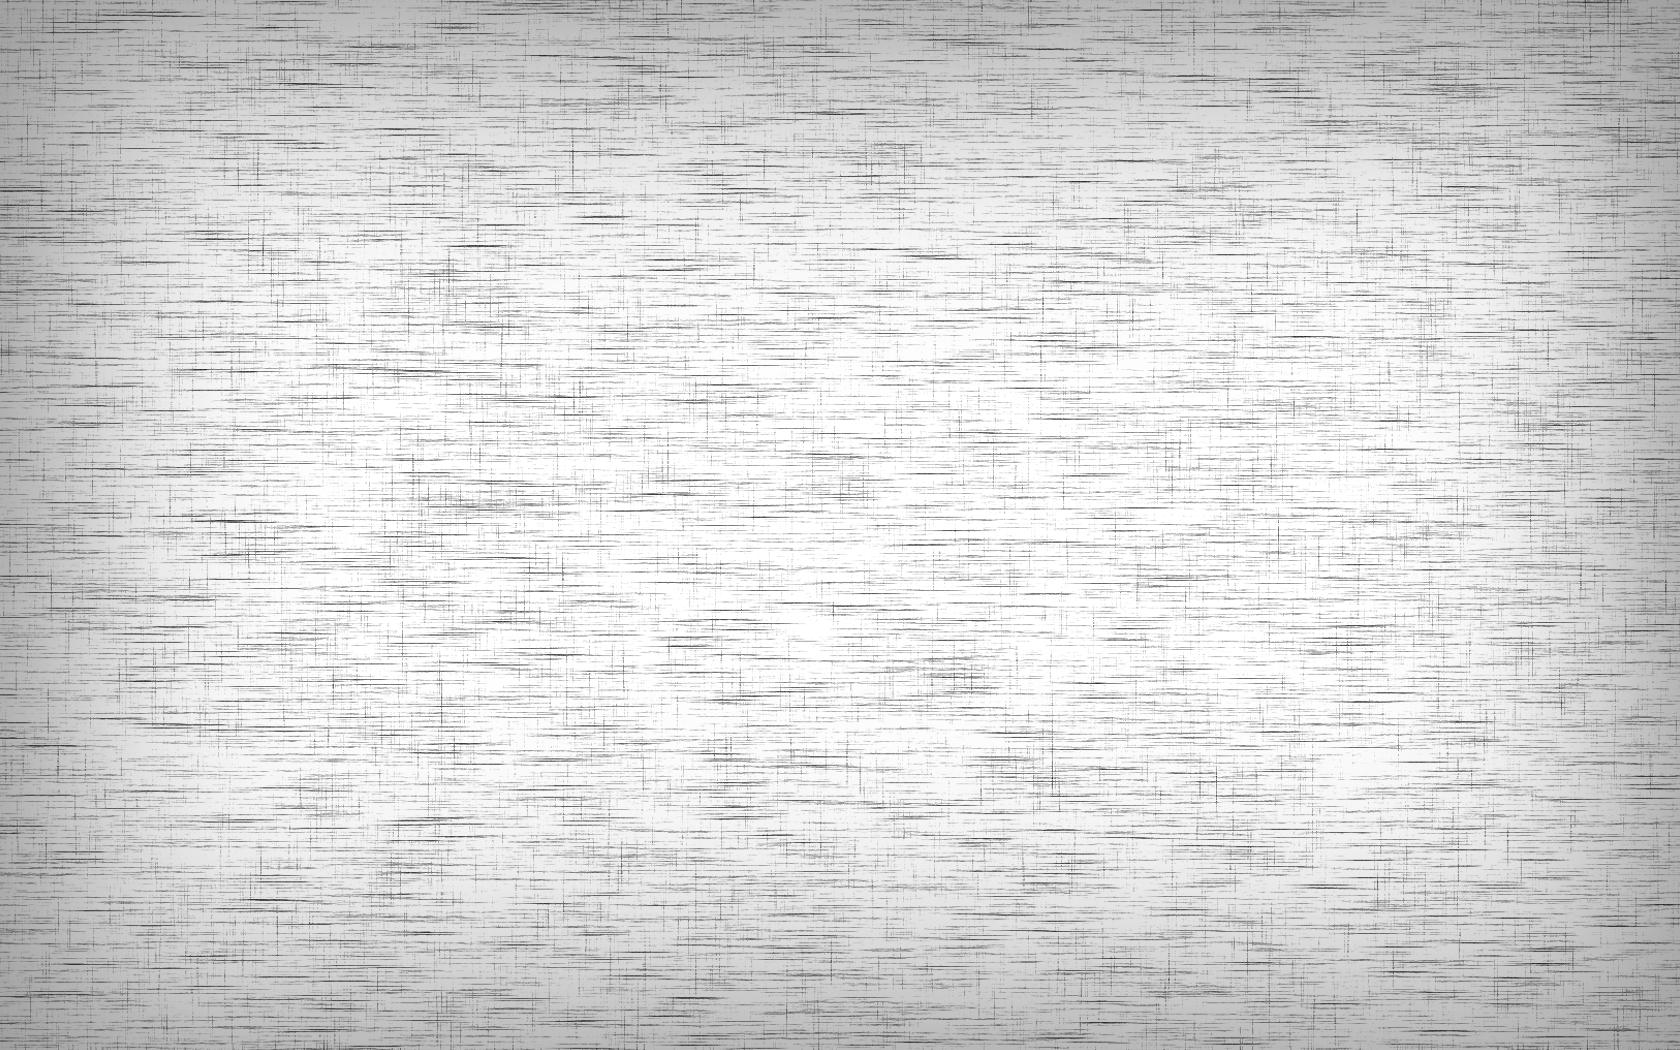 white background images - photo #36